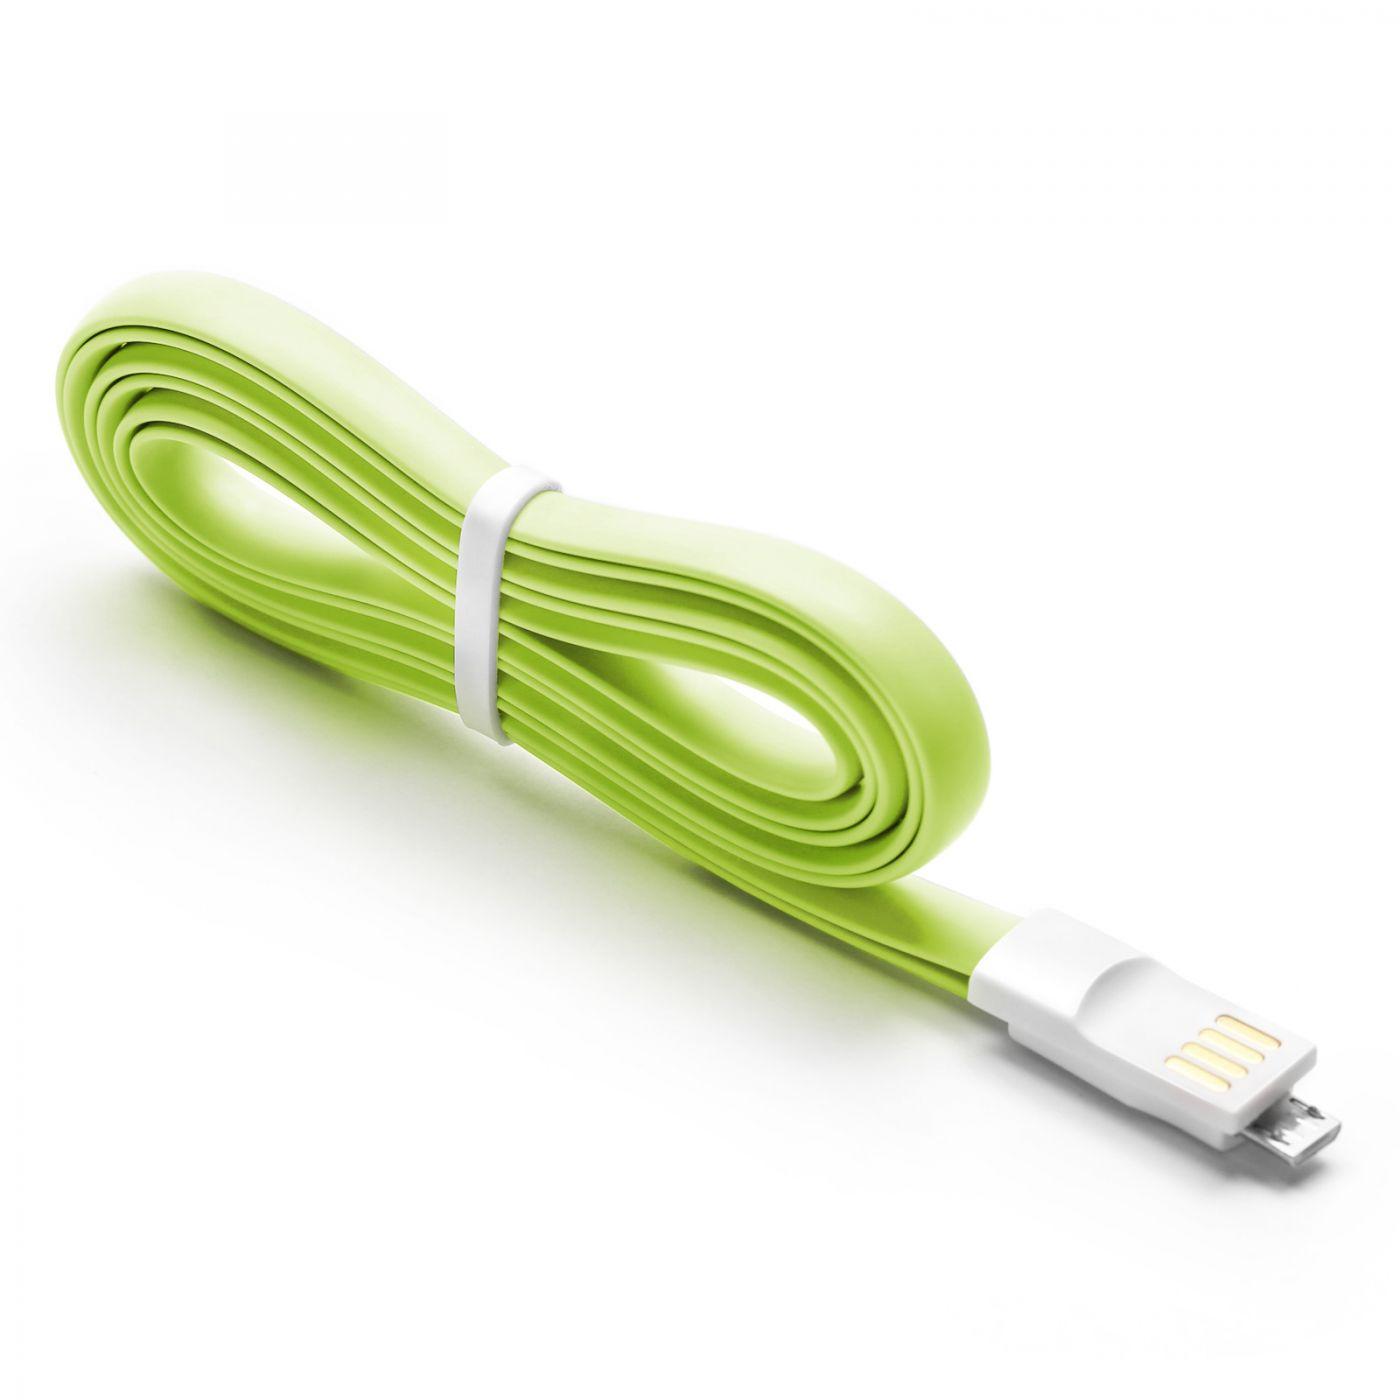 Кабель USB - microUSB  Xiaomi  Mi Colorful  120 см.(Салатовый)